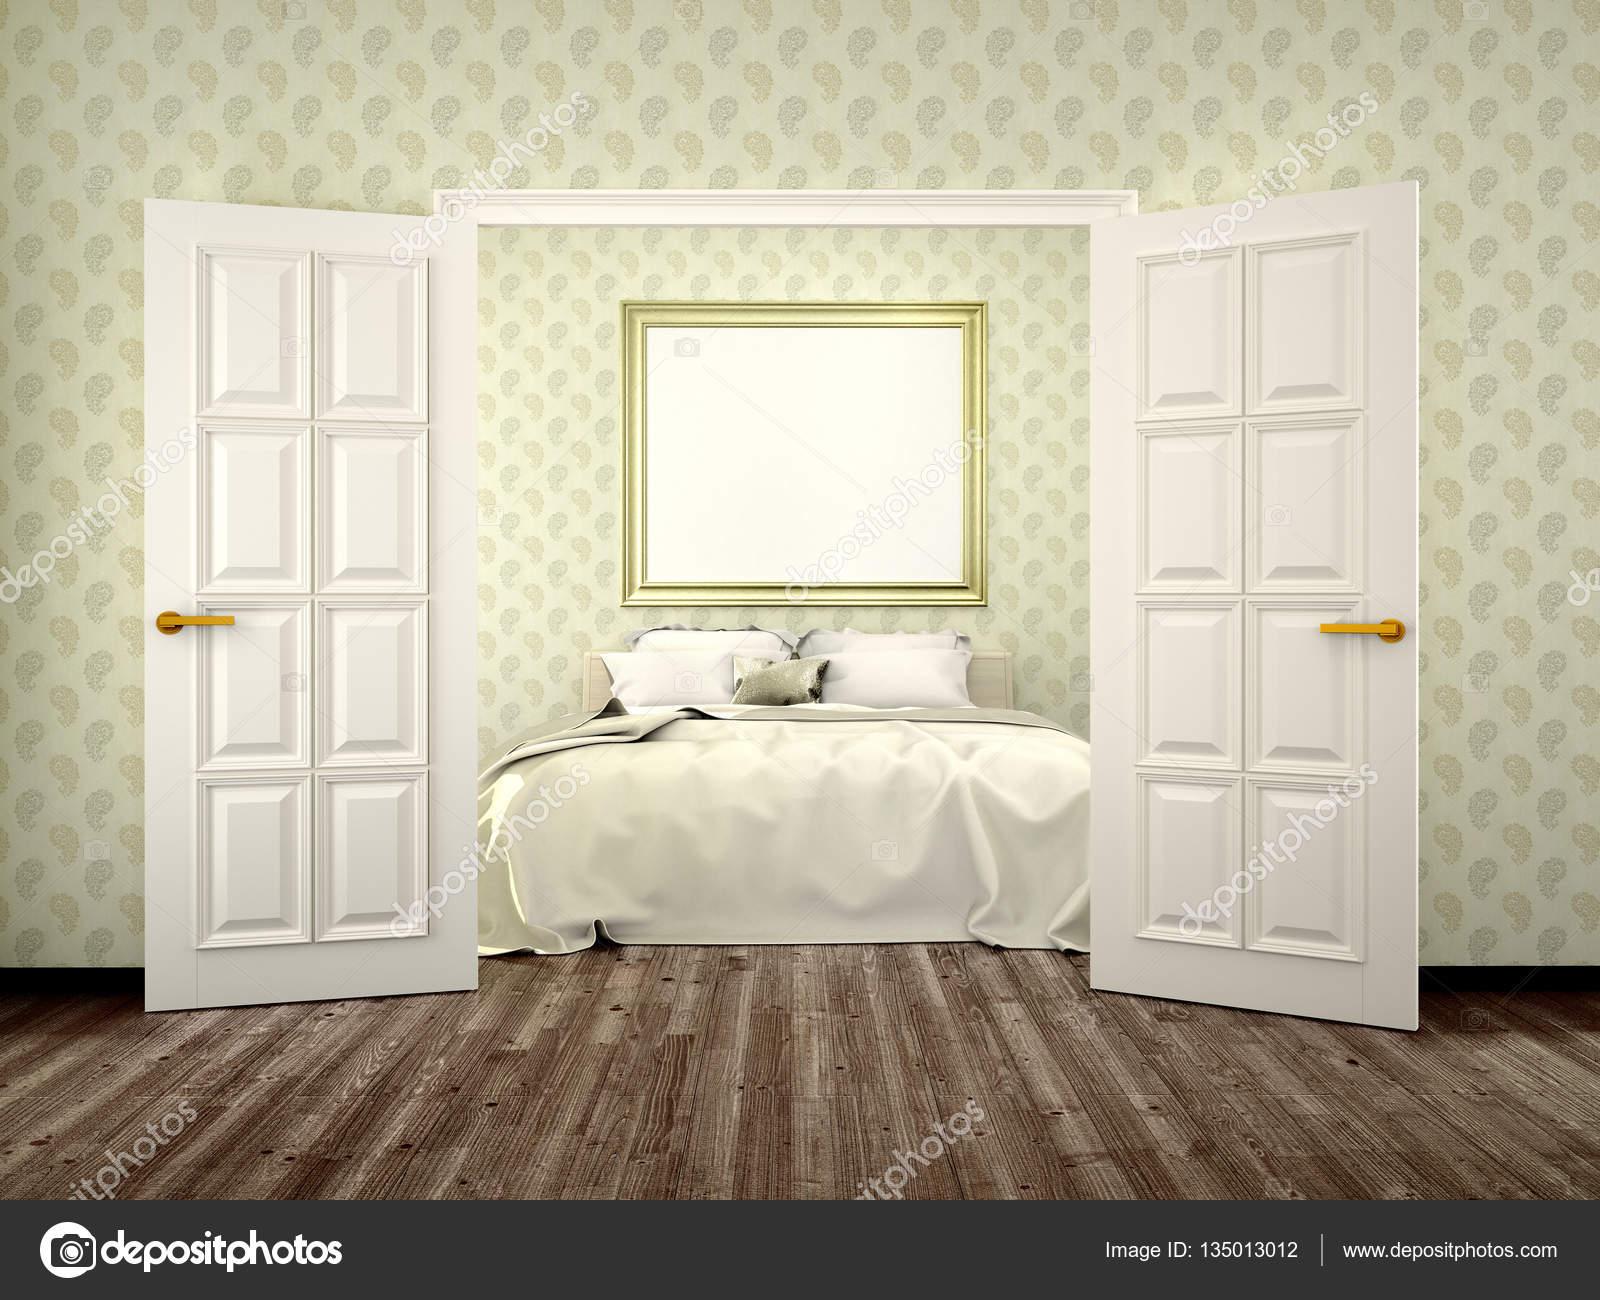 Schlafzimmer mit offenen Türen und eine Leinwand an der Wand. 3D ...